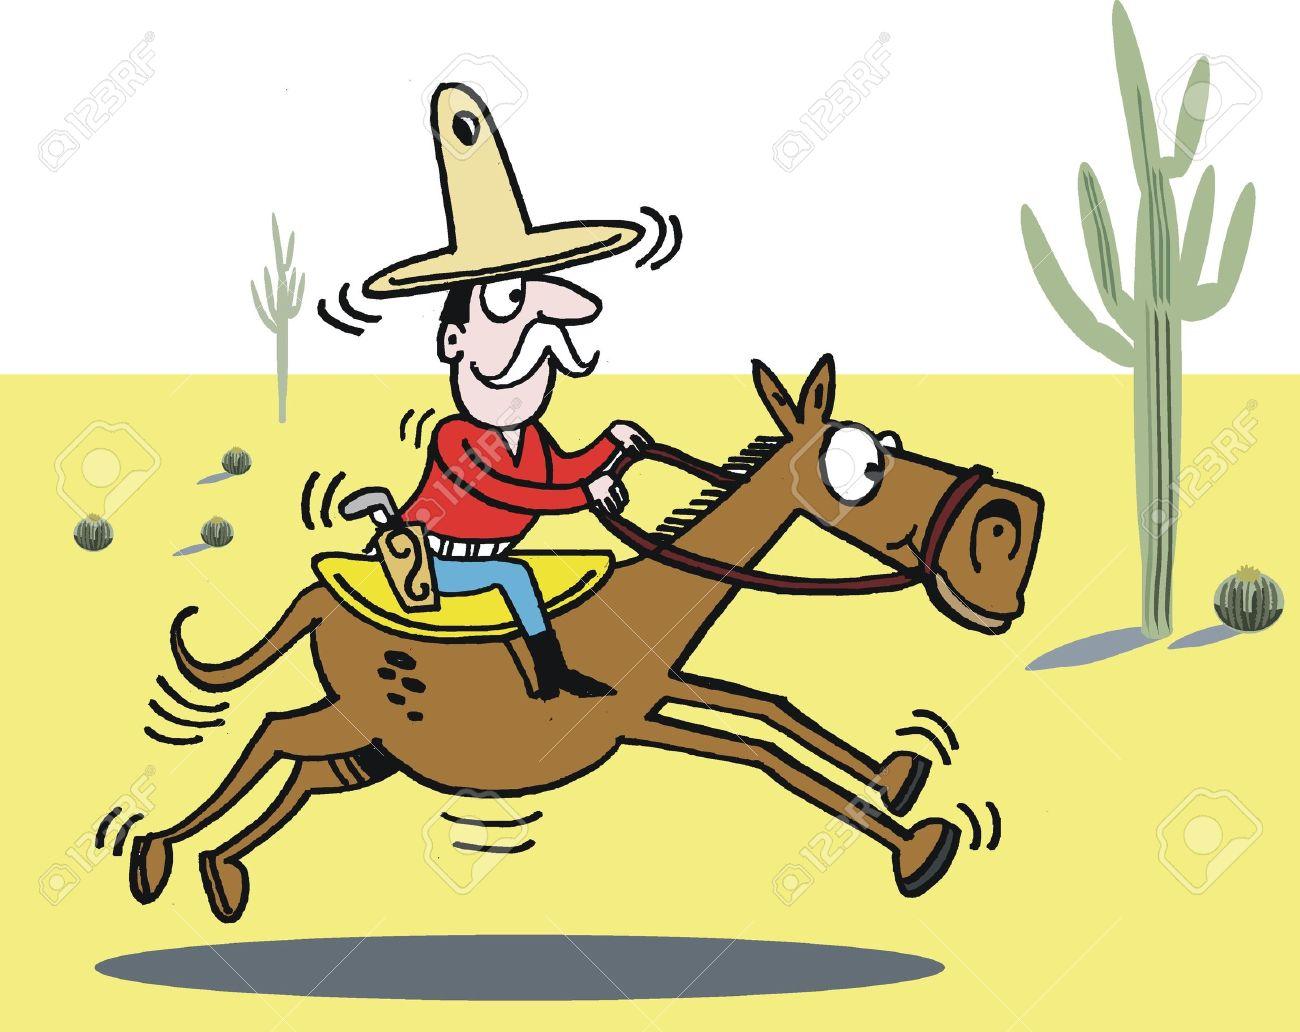 Cowboy on horse cartoon Stock Vector - 9225696